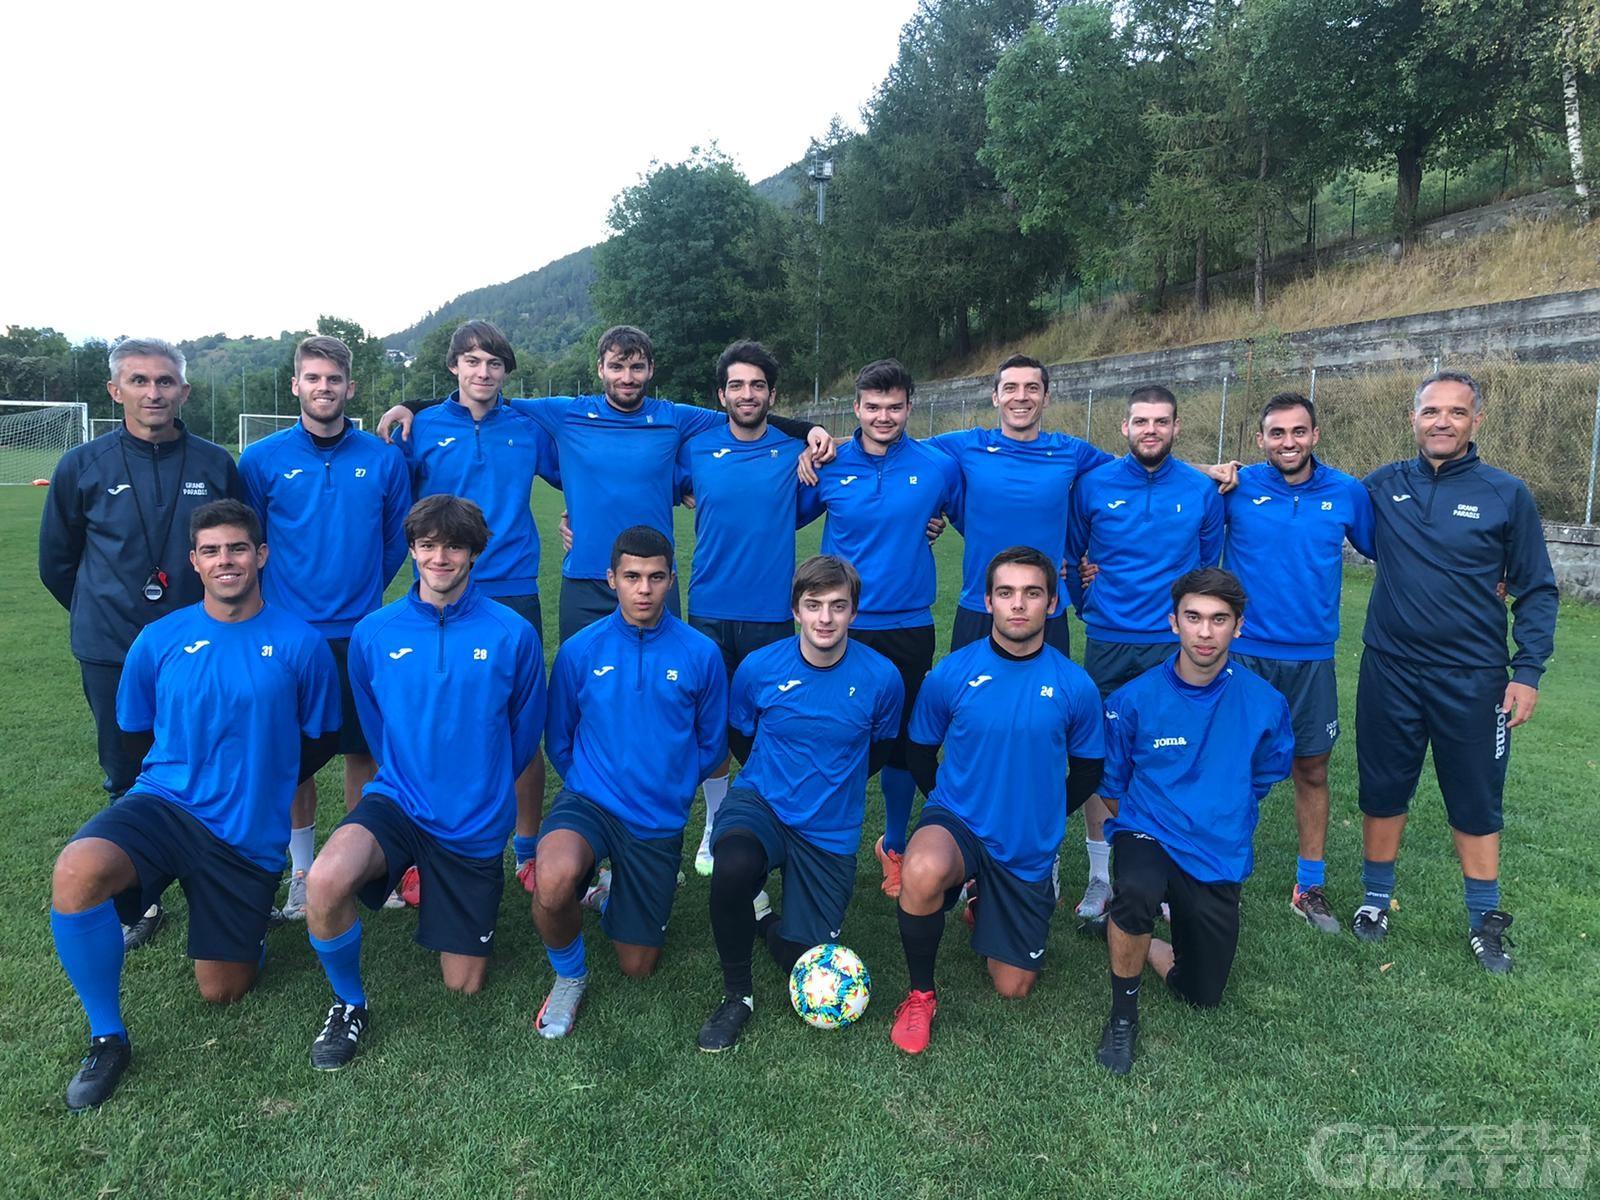 Calcio: Turato su rigore, il Grand Paradis avanza in Coppa Piemonte